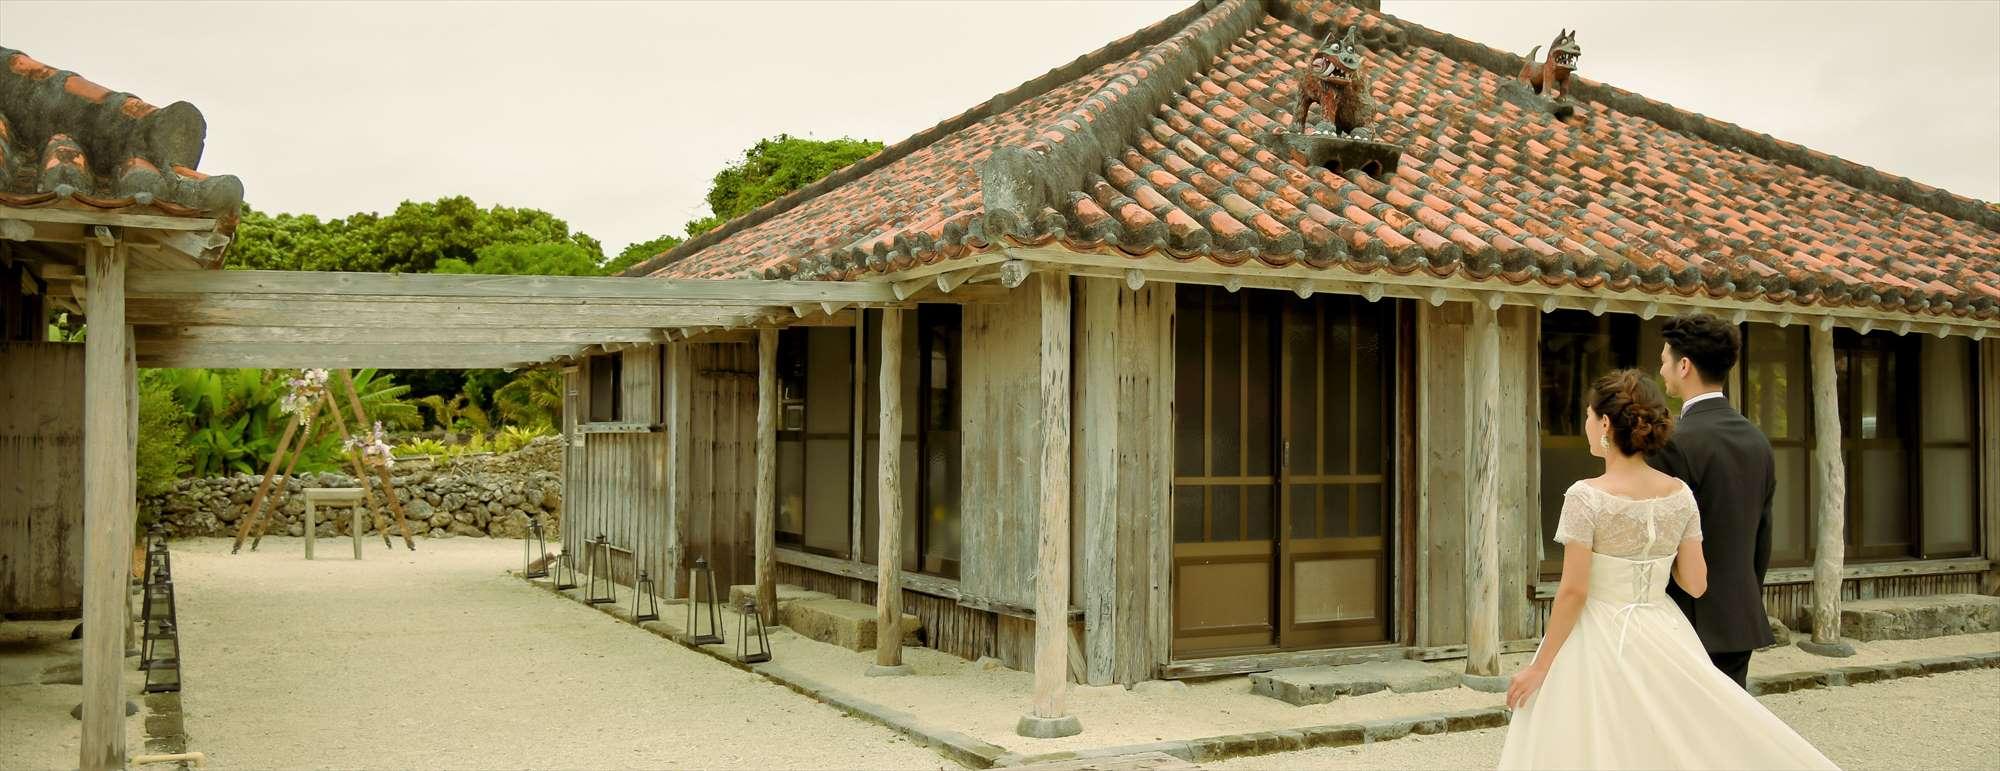 沖縄竹富島 琉球古民家ウェディング Ishigaki Island Okinawa Ryukyu Kominka Takamine Wedding 竹富島タカミネ挙式